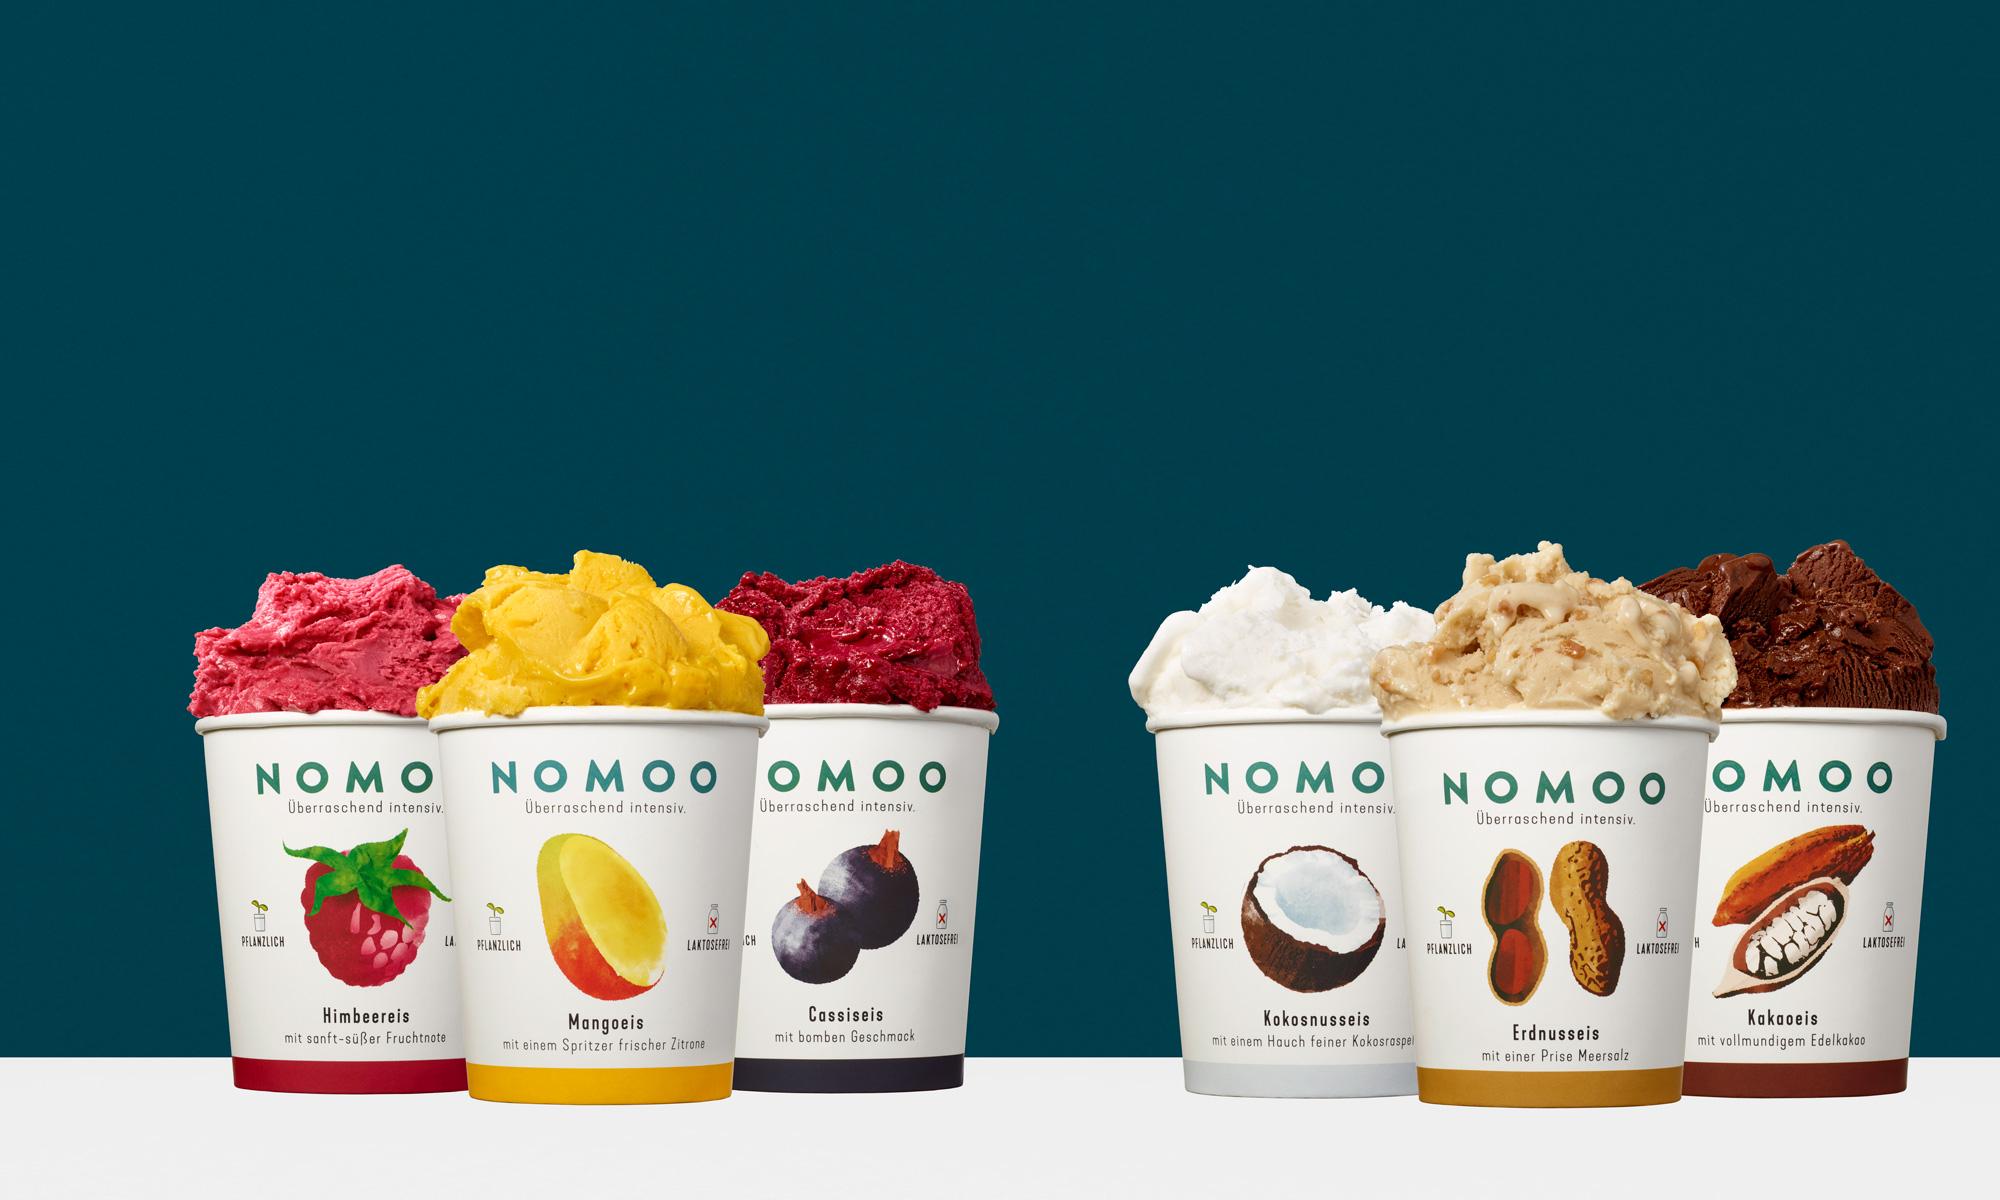 NOMOO-Hero-Eissorten-2000px.jpg